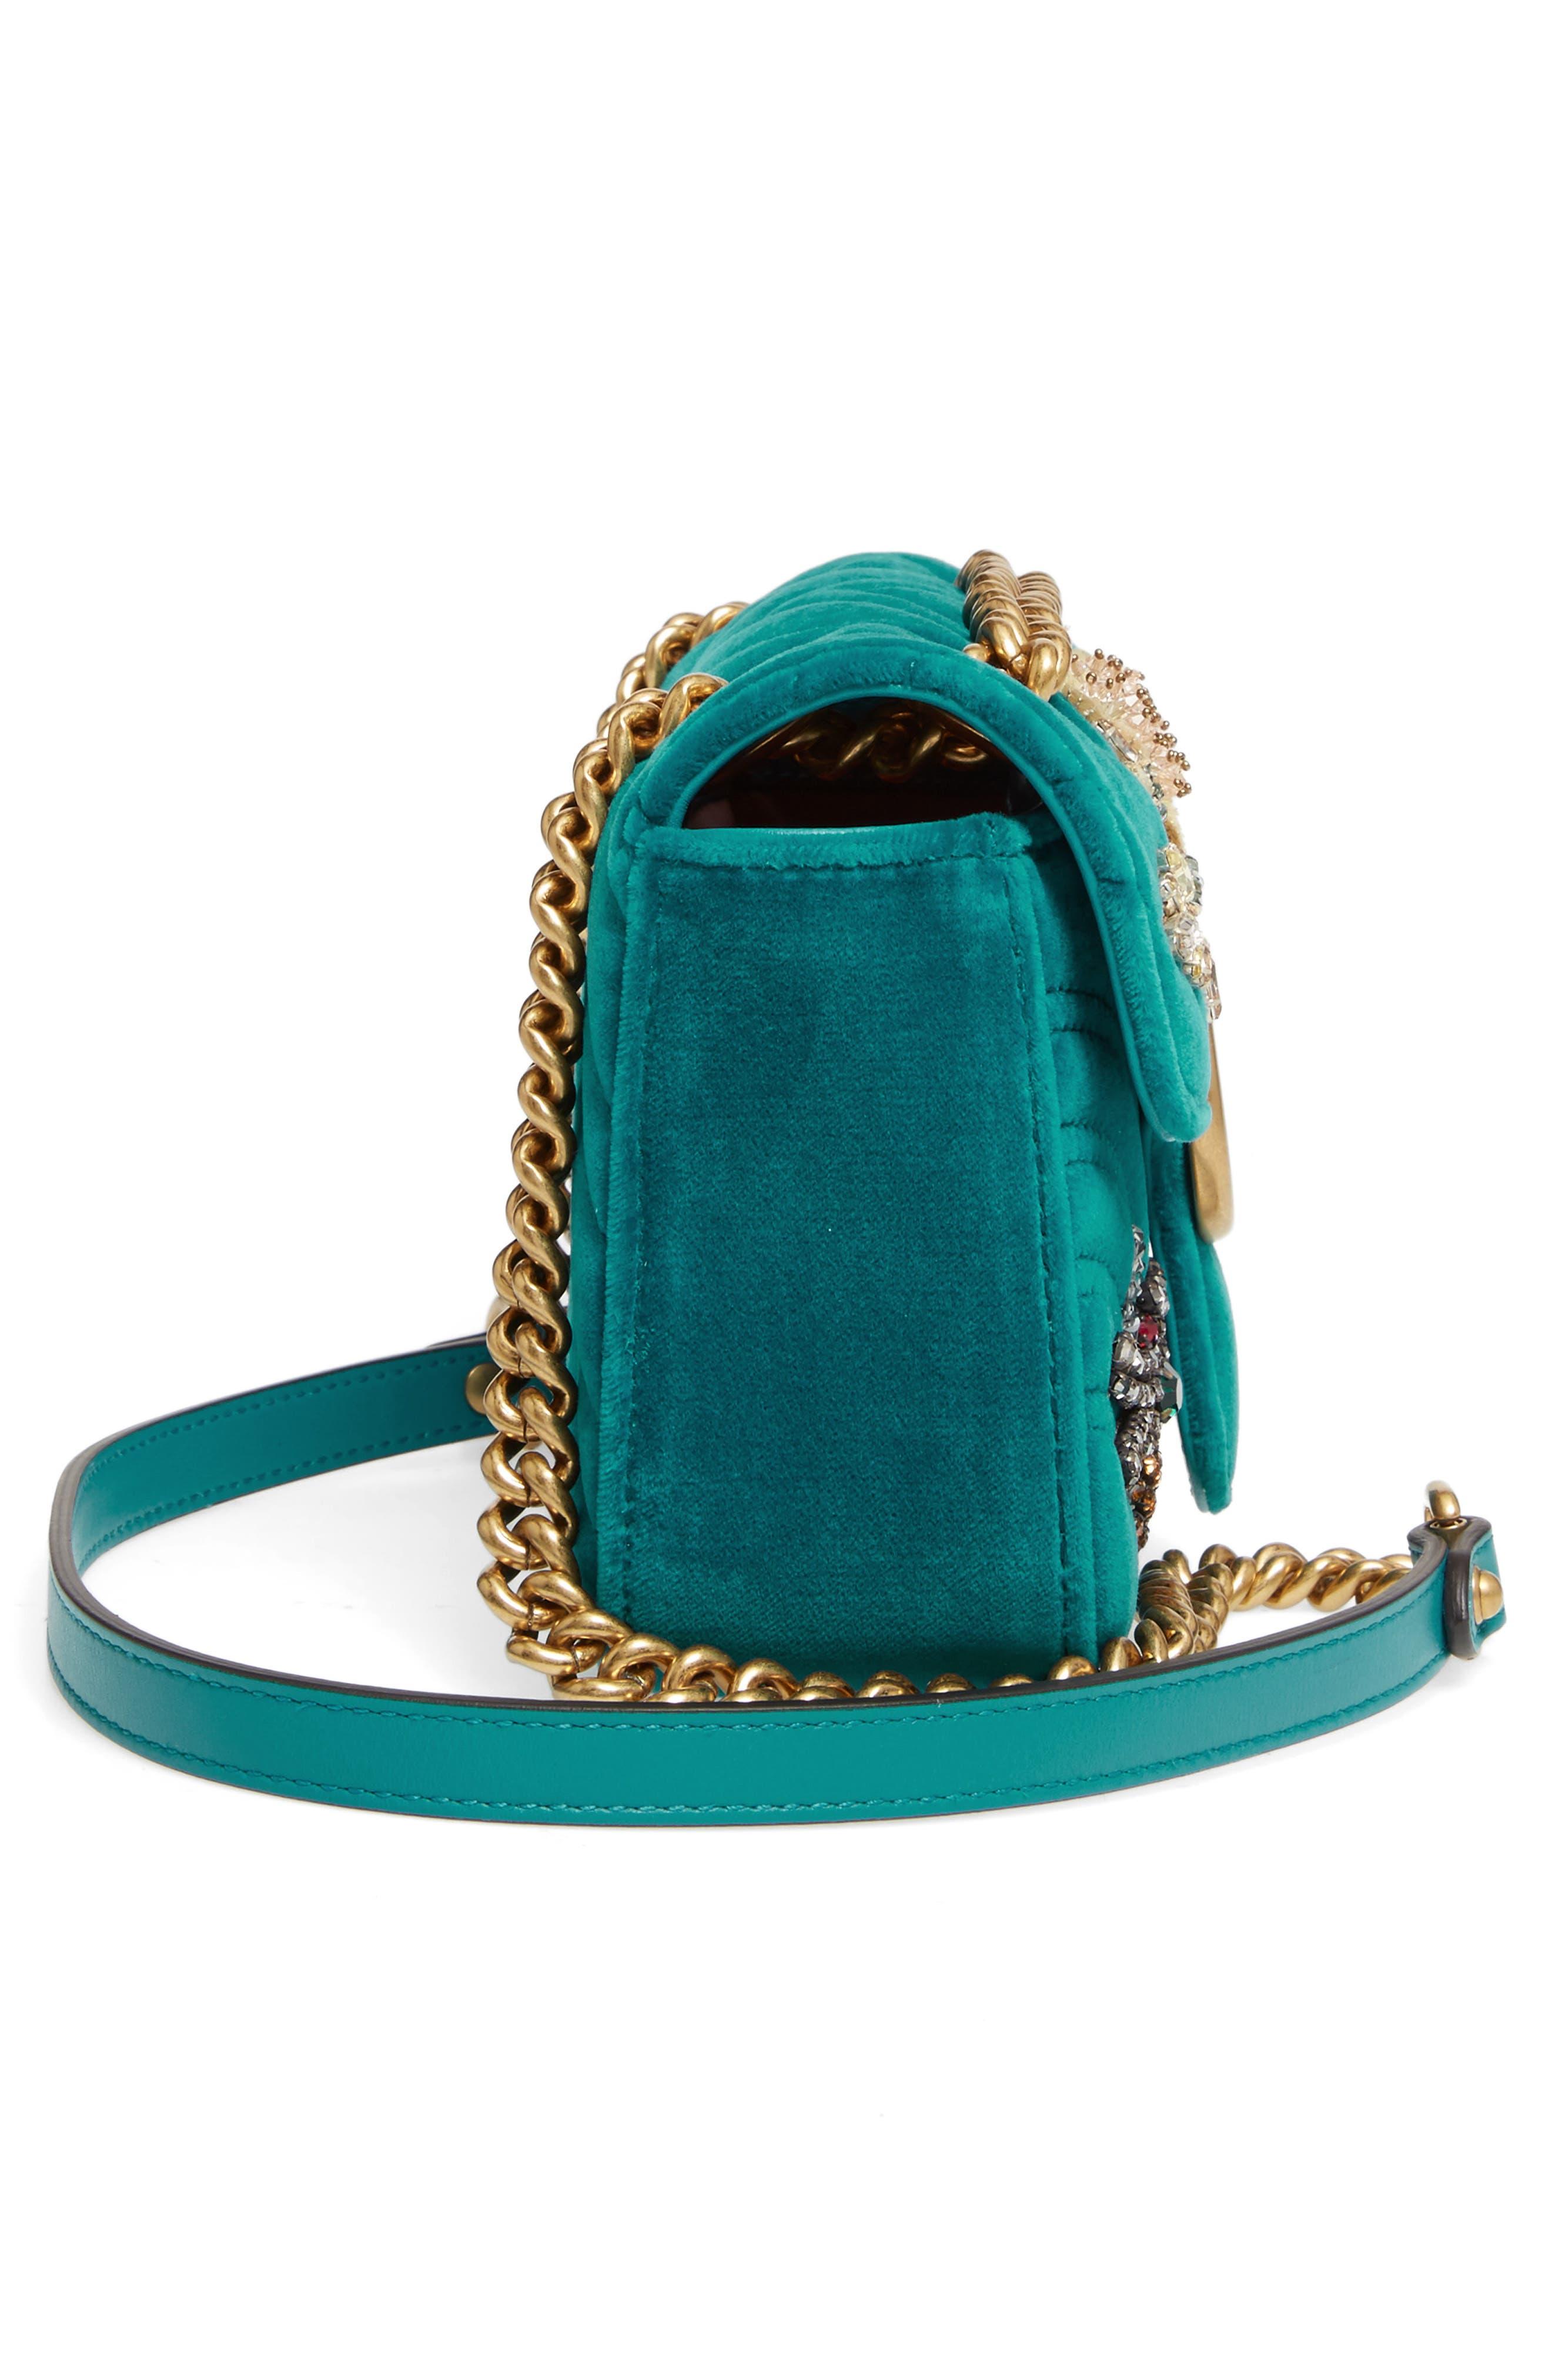 Mini GG Marmont Matelassé Velvet Shoulder Bag,                             Alternate thumbnail 5, color,                             PIVONE